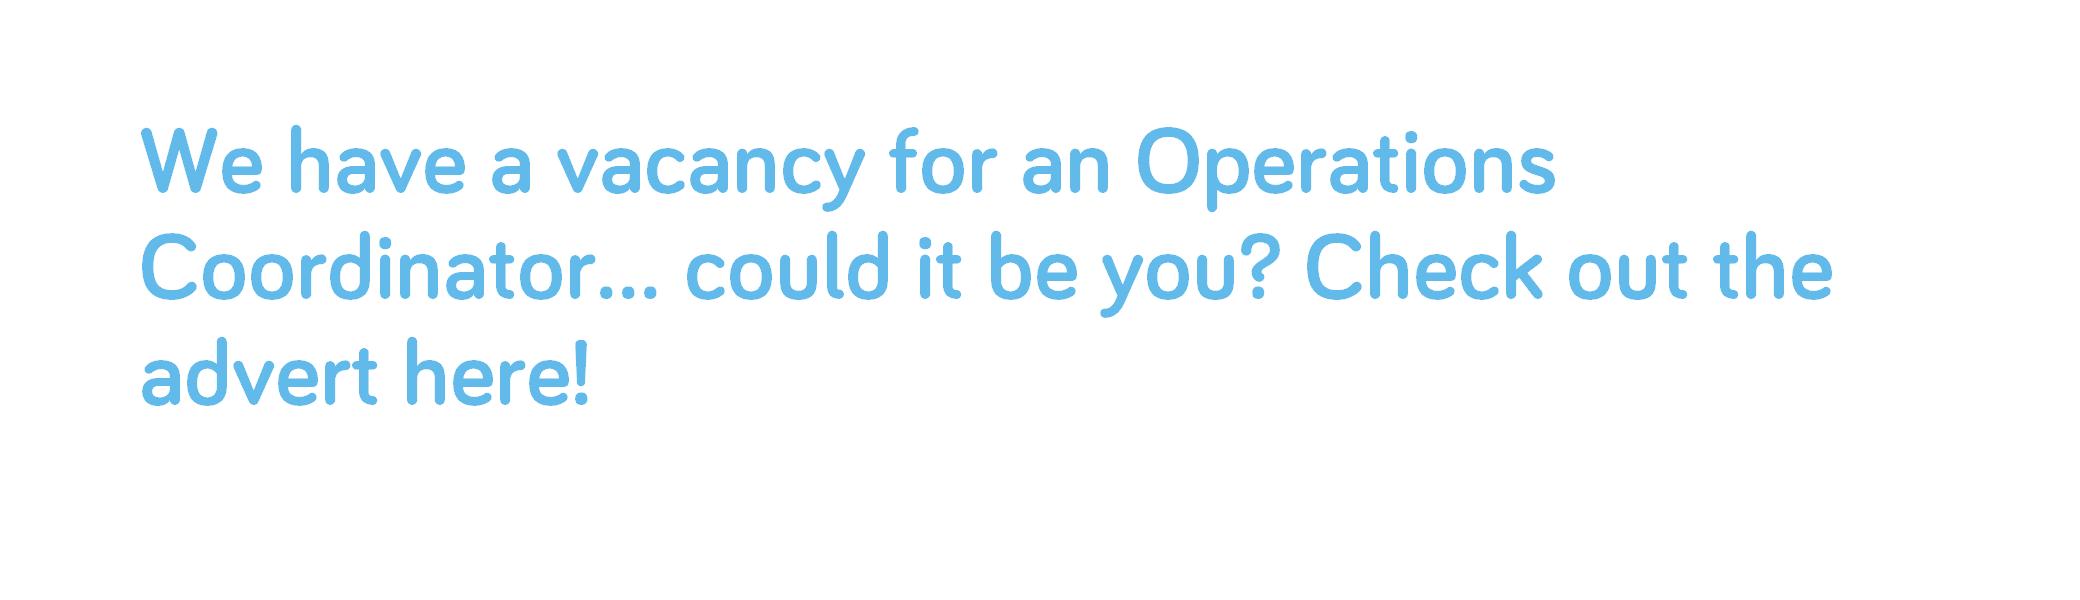 operations coordinator